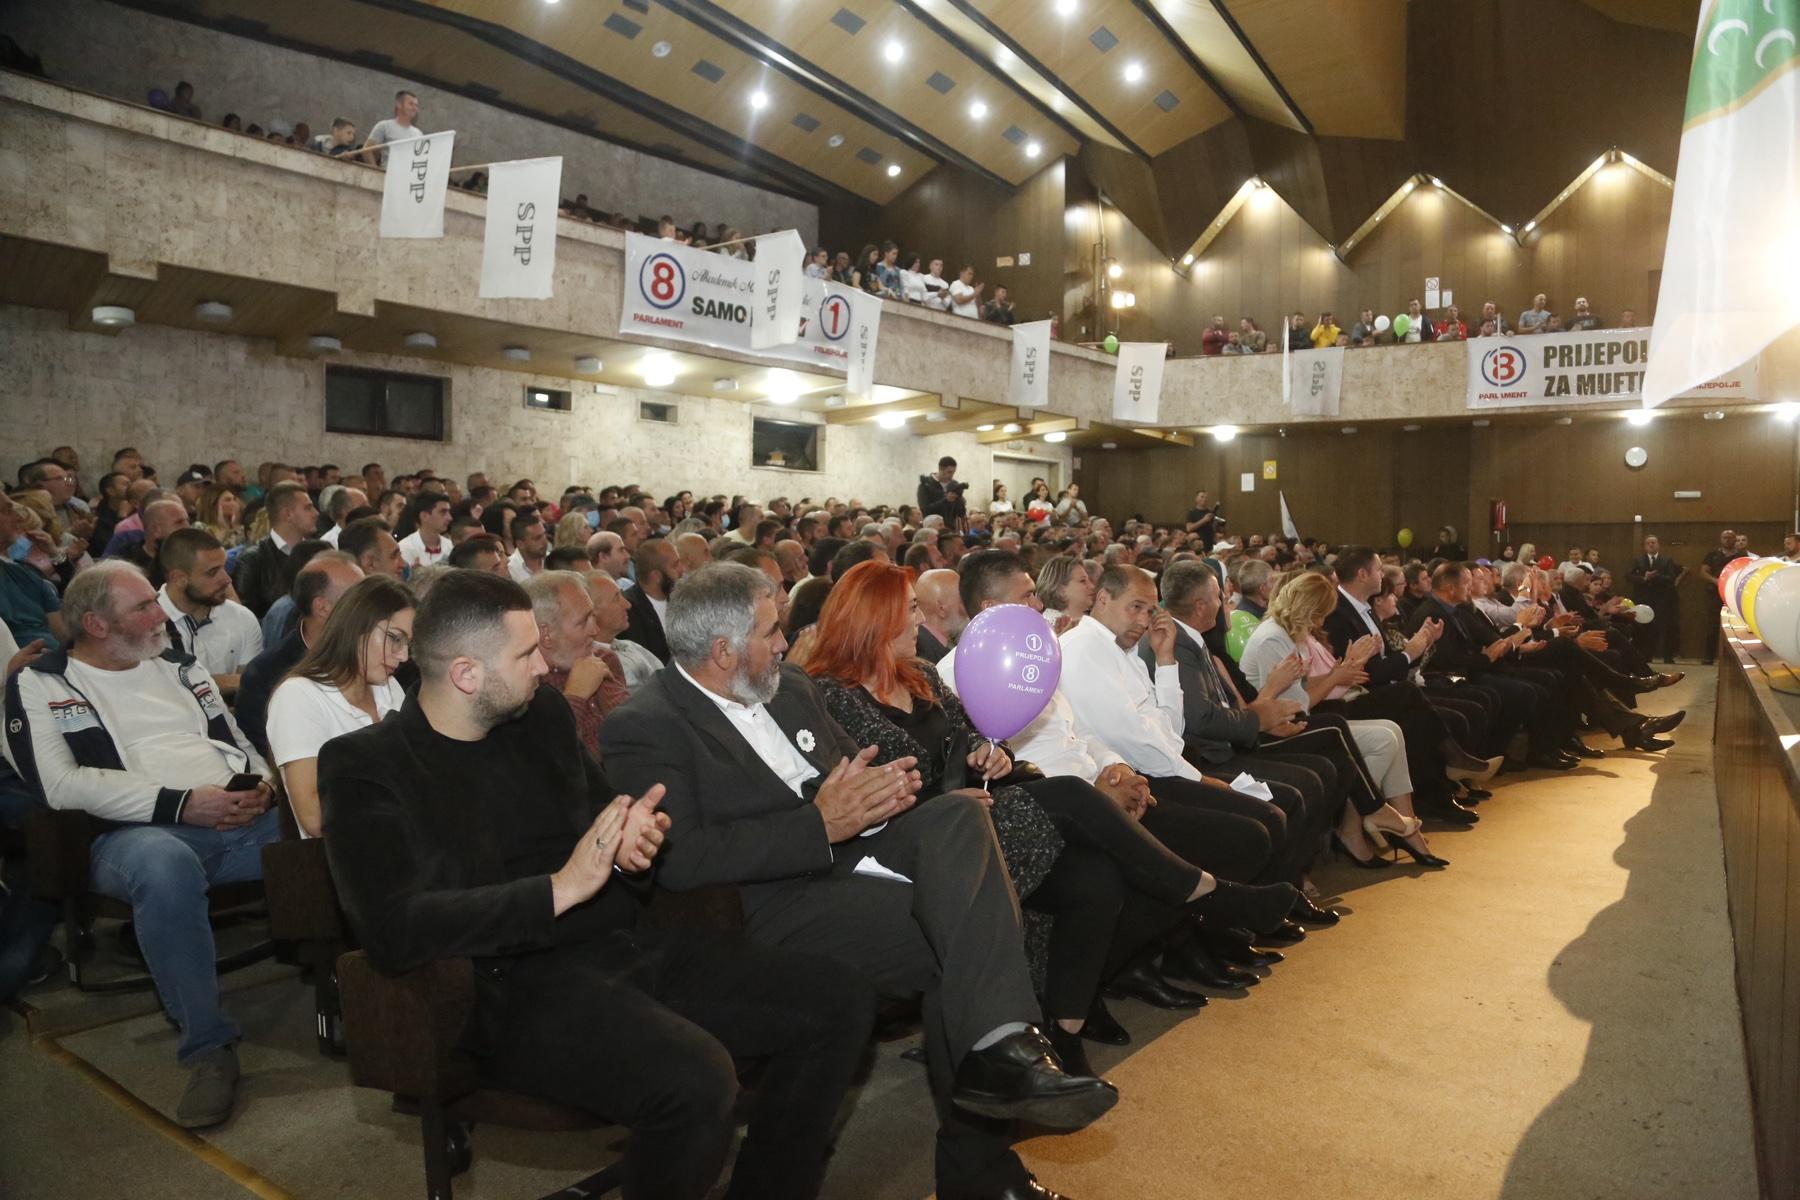 1592165409553622 - Završni miting u Prijepolju – SPP je bedem vjere, kulture i identiteta